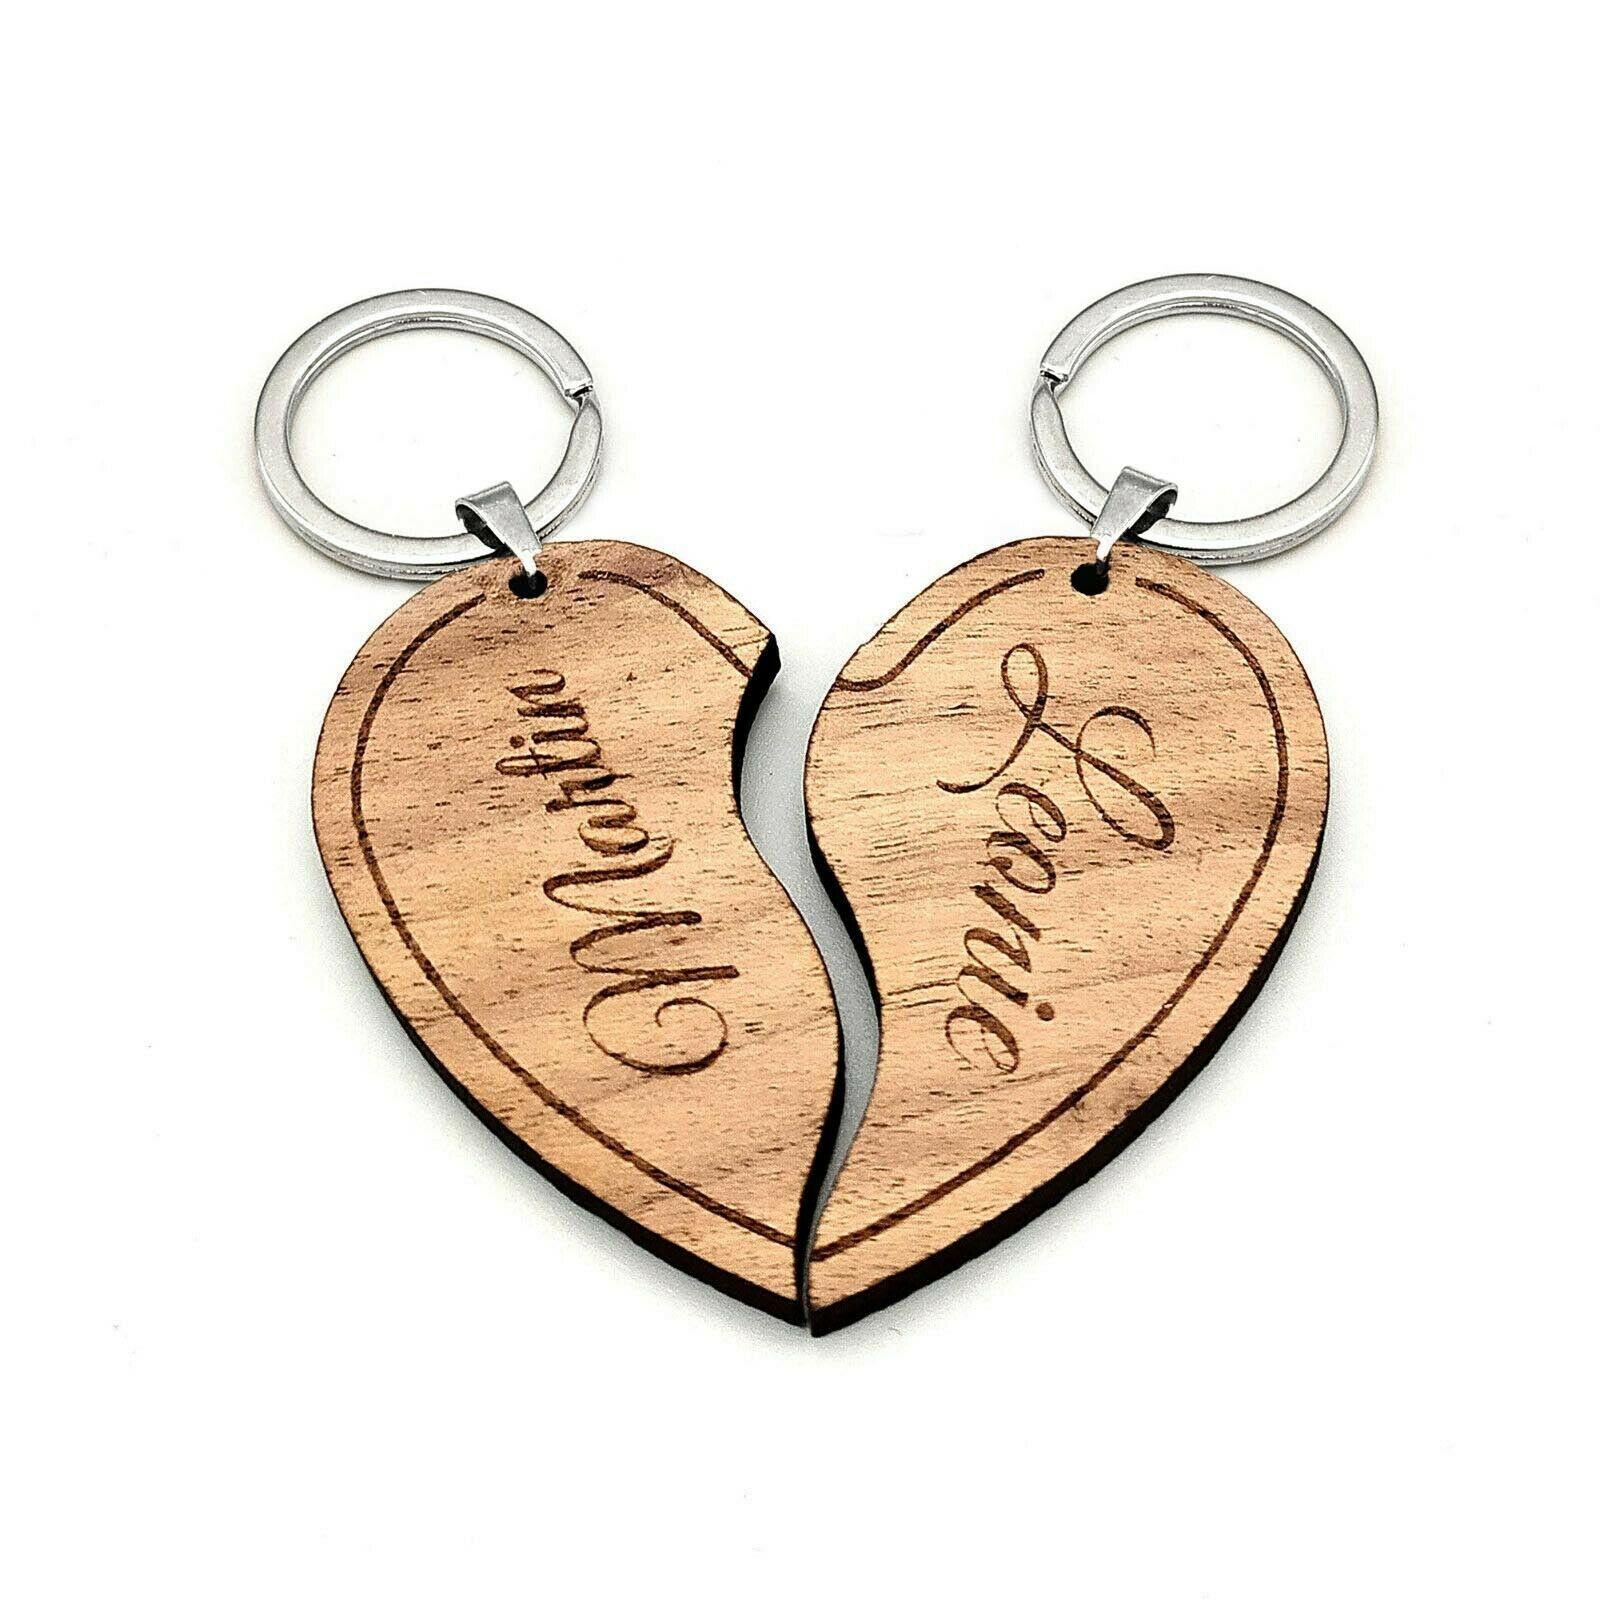 Partner-Schlüsselanhänger Set aus Nussbaum Holz - mit Gravur - Geschenk